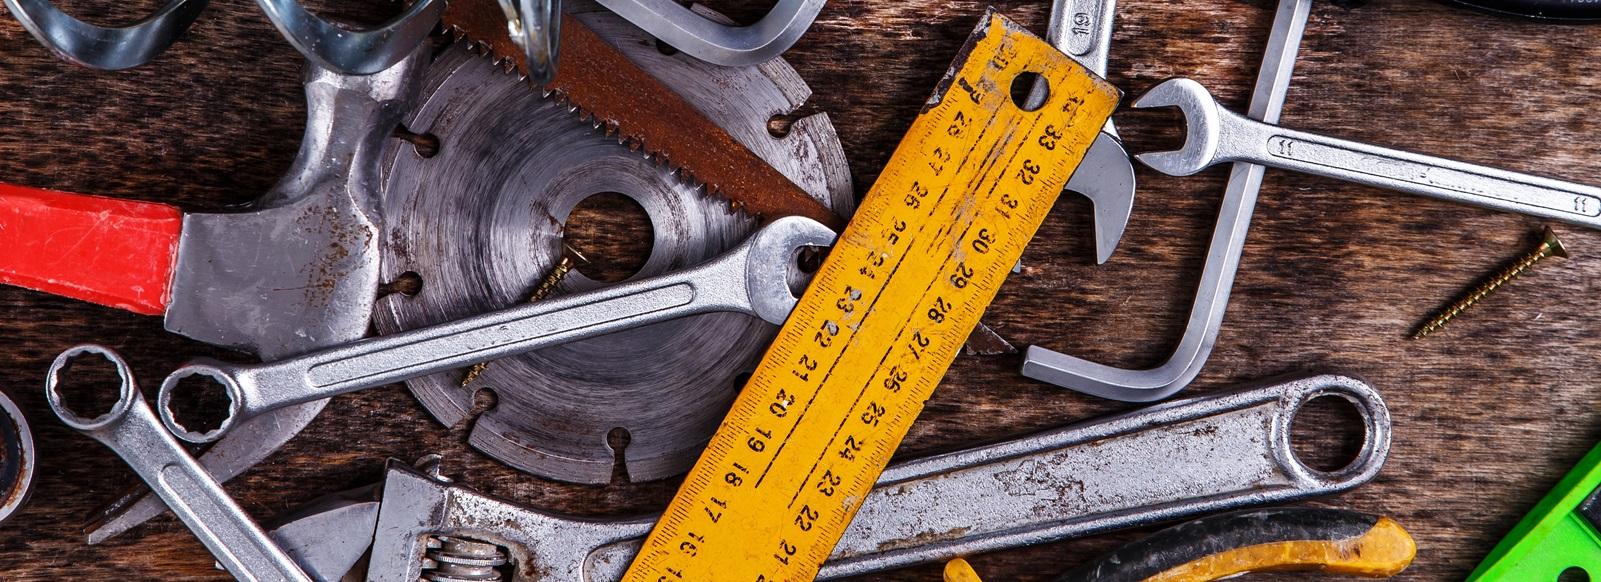 Værktøjskasse 02